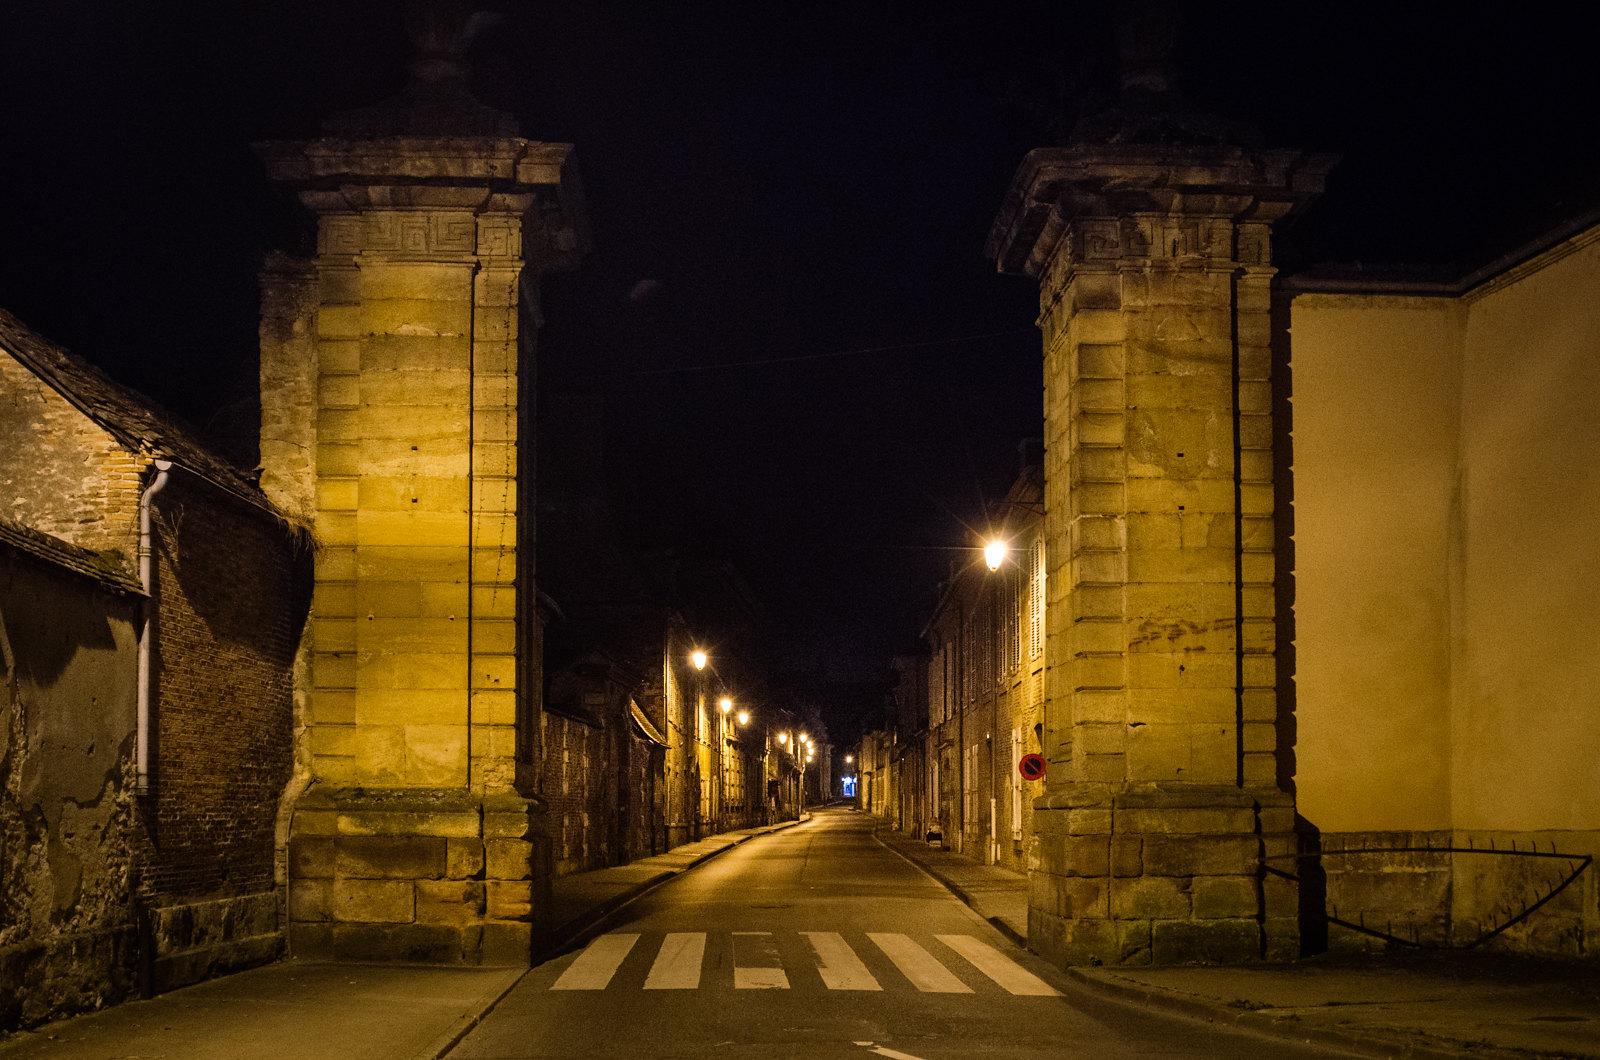 Lost in Bourbonnais - Carnet de voyage en France